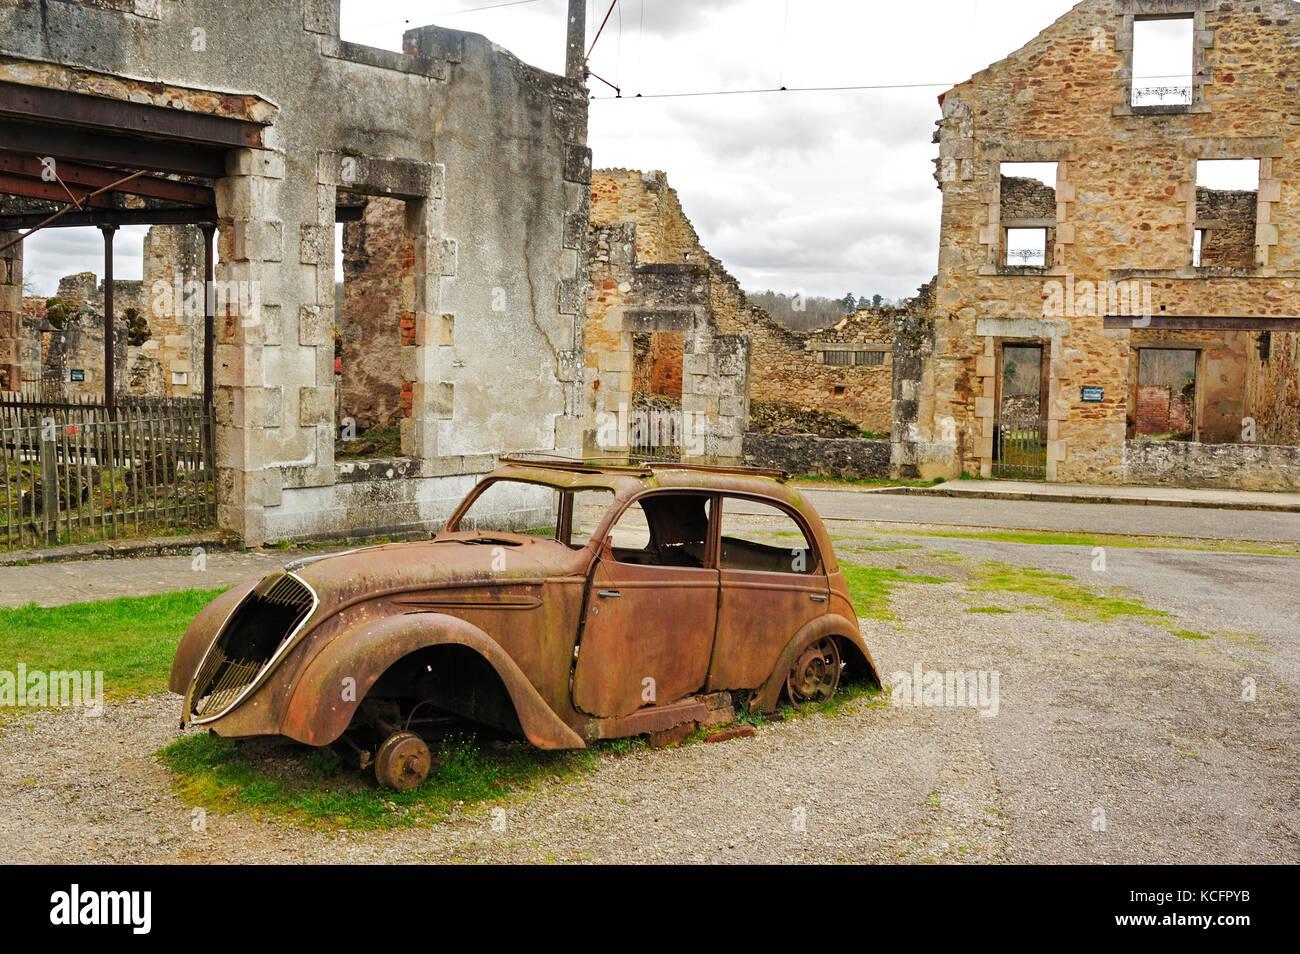 Peugeot 202 car ruins, Oradour-sur-Glane, Haute-Vienne Department, Limousin, France - Stock Image